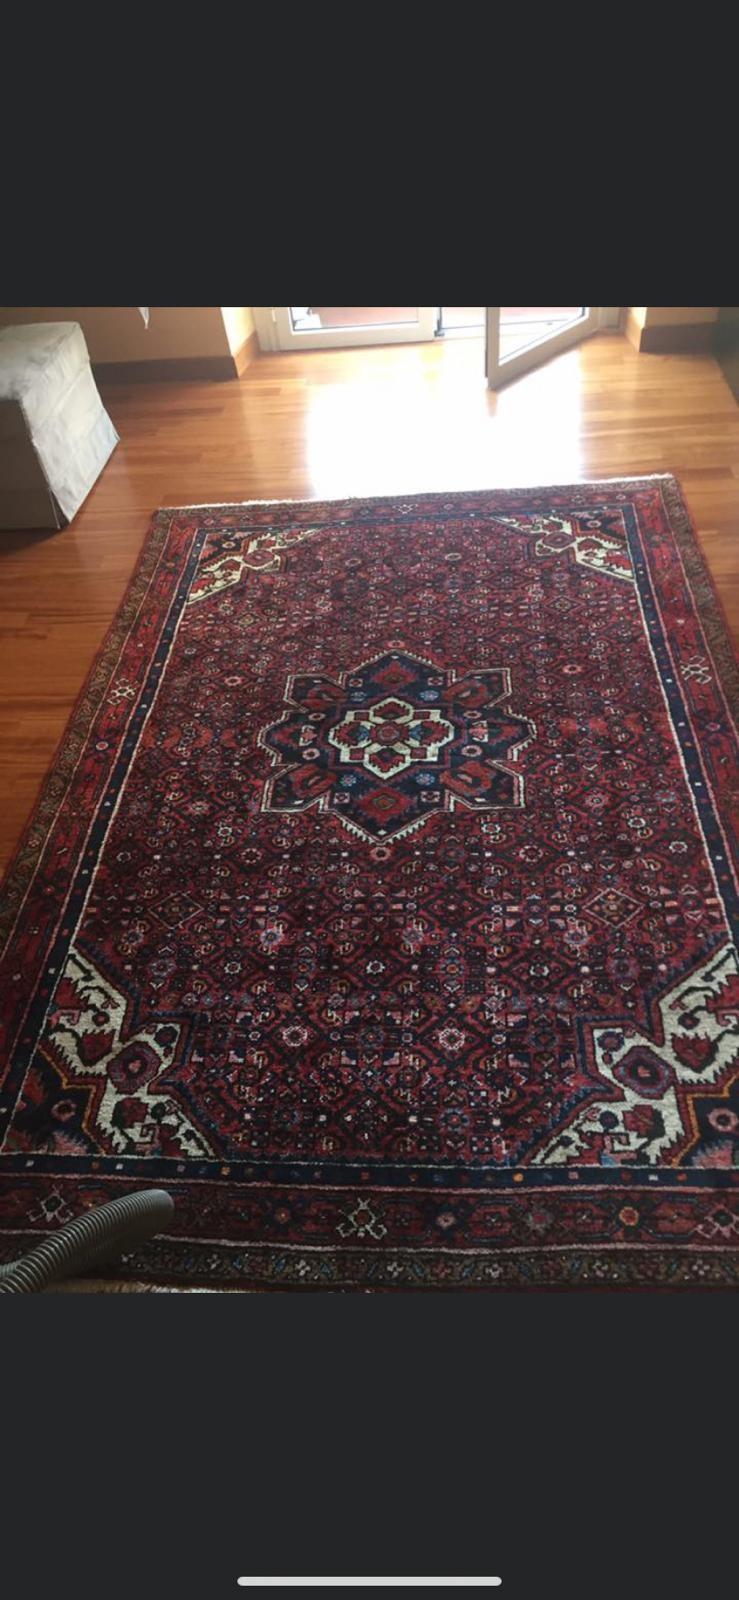 Igienizzazione di  tappeti o divani grazie all'impresa di pulizie Igienic! Servizio eseguito da Genova Nervi a Genova Cornigliano!!